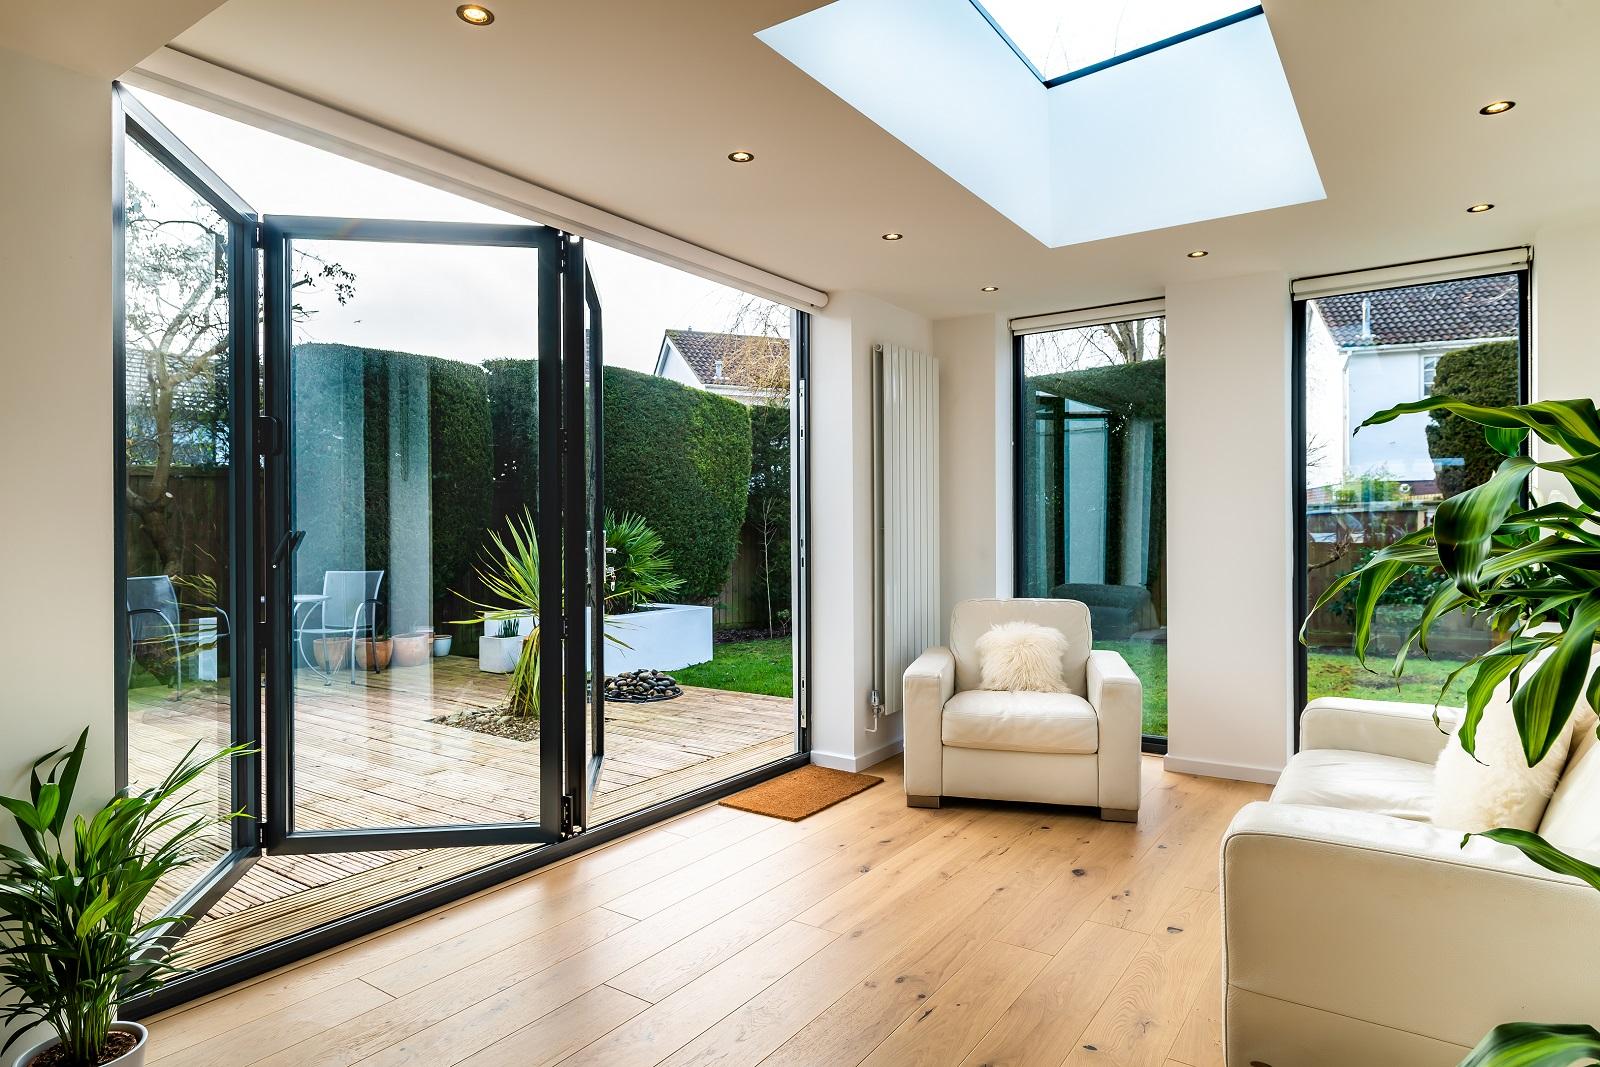 Flat rooflight and bifold doors